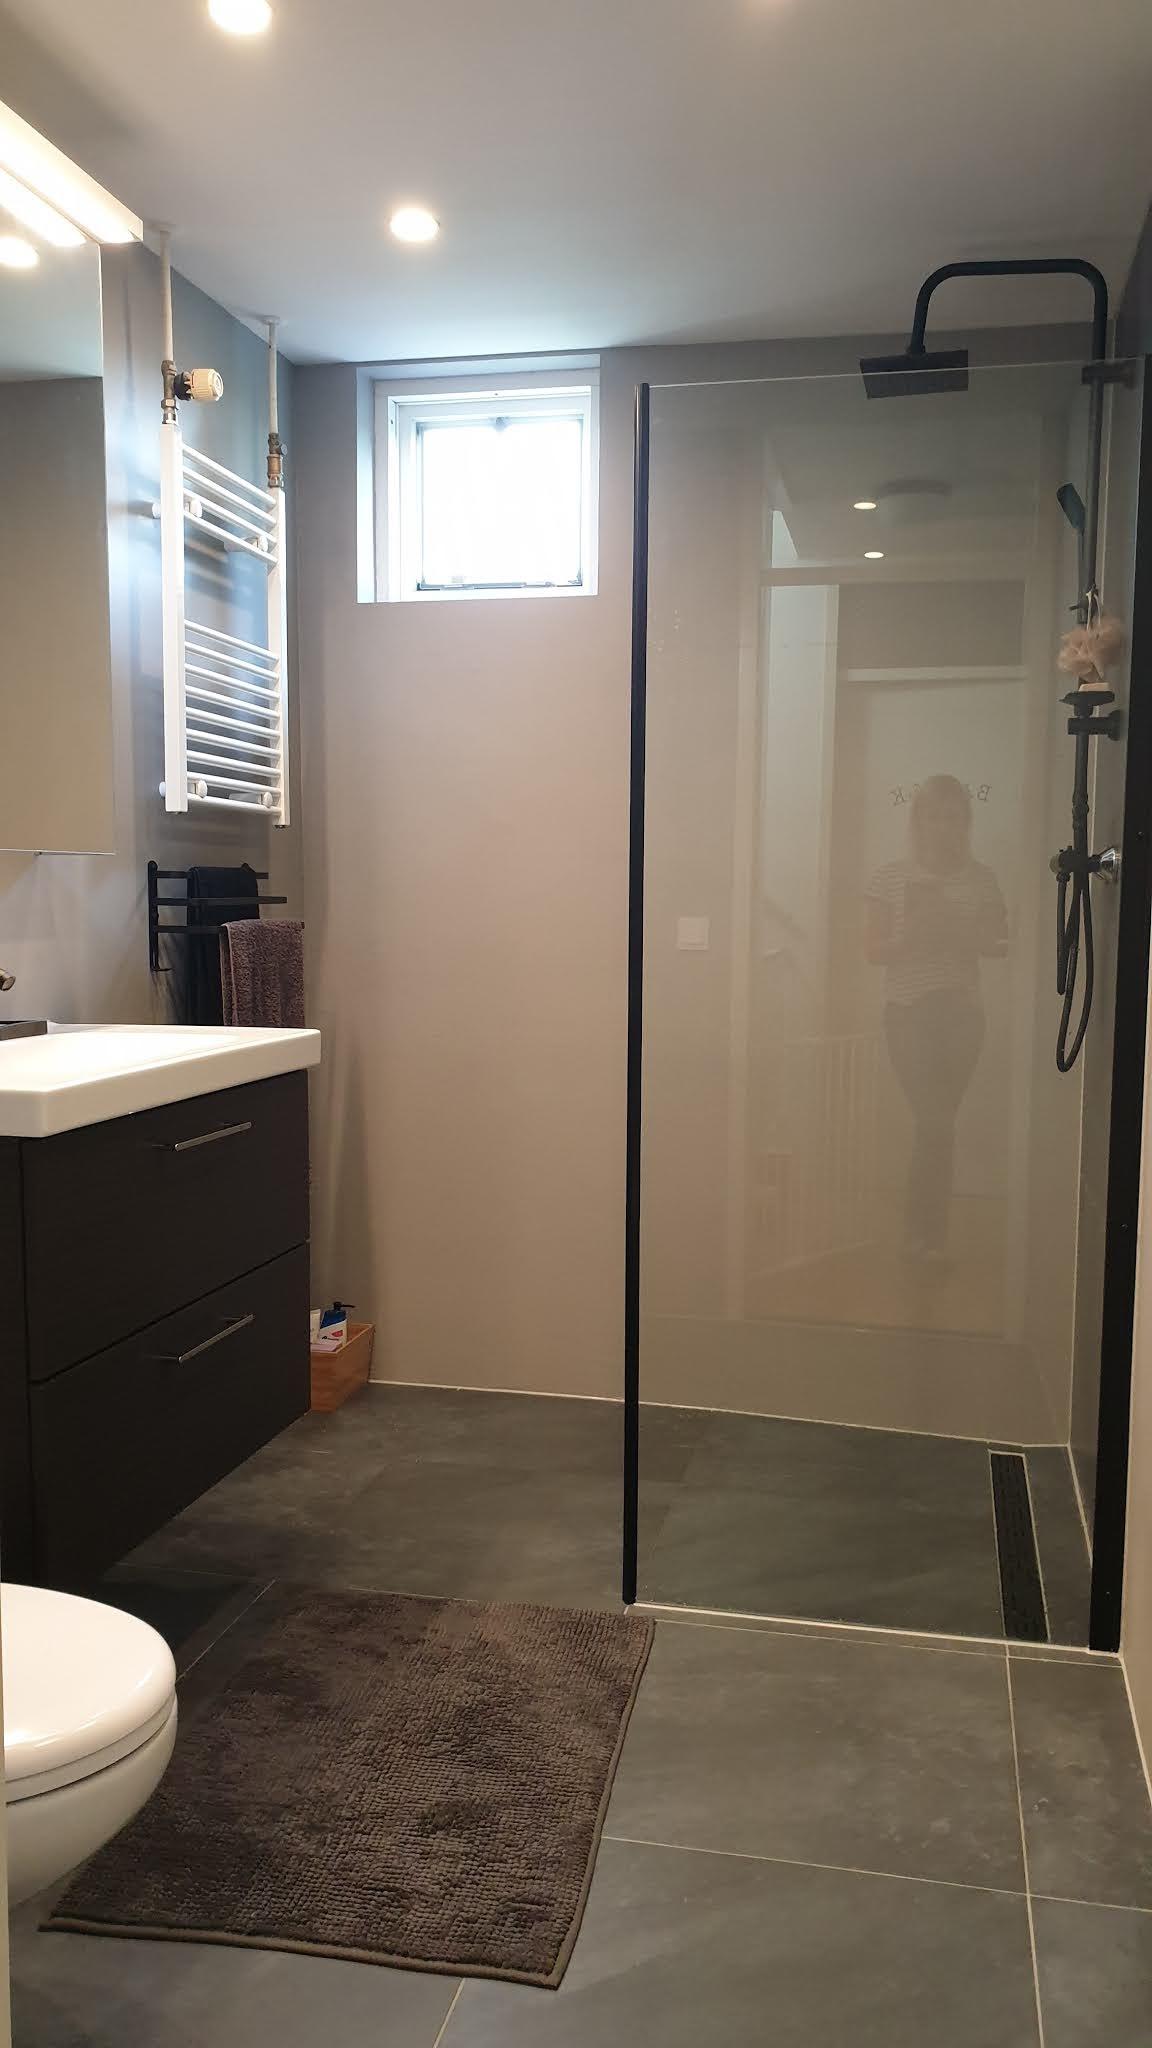 Łazienka w naszym domu w Holandii